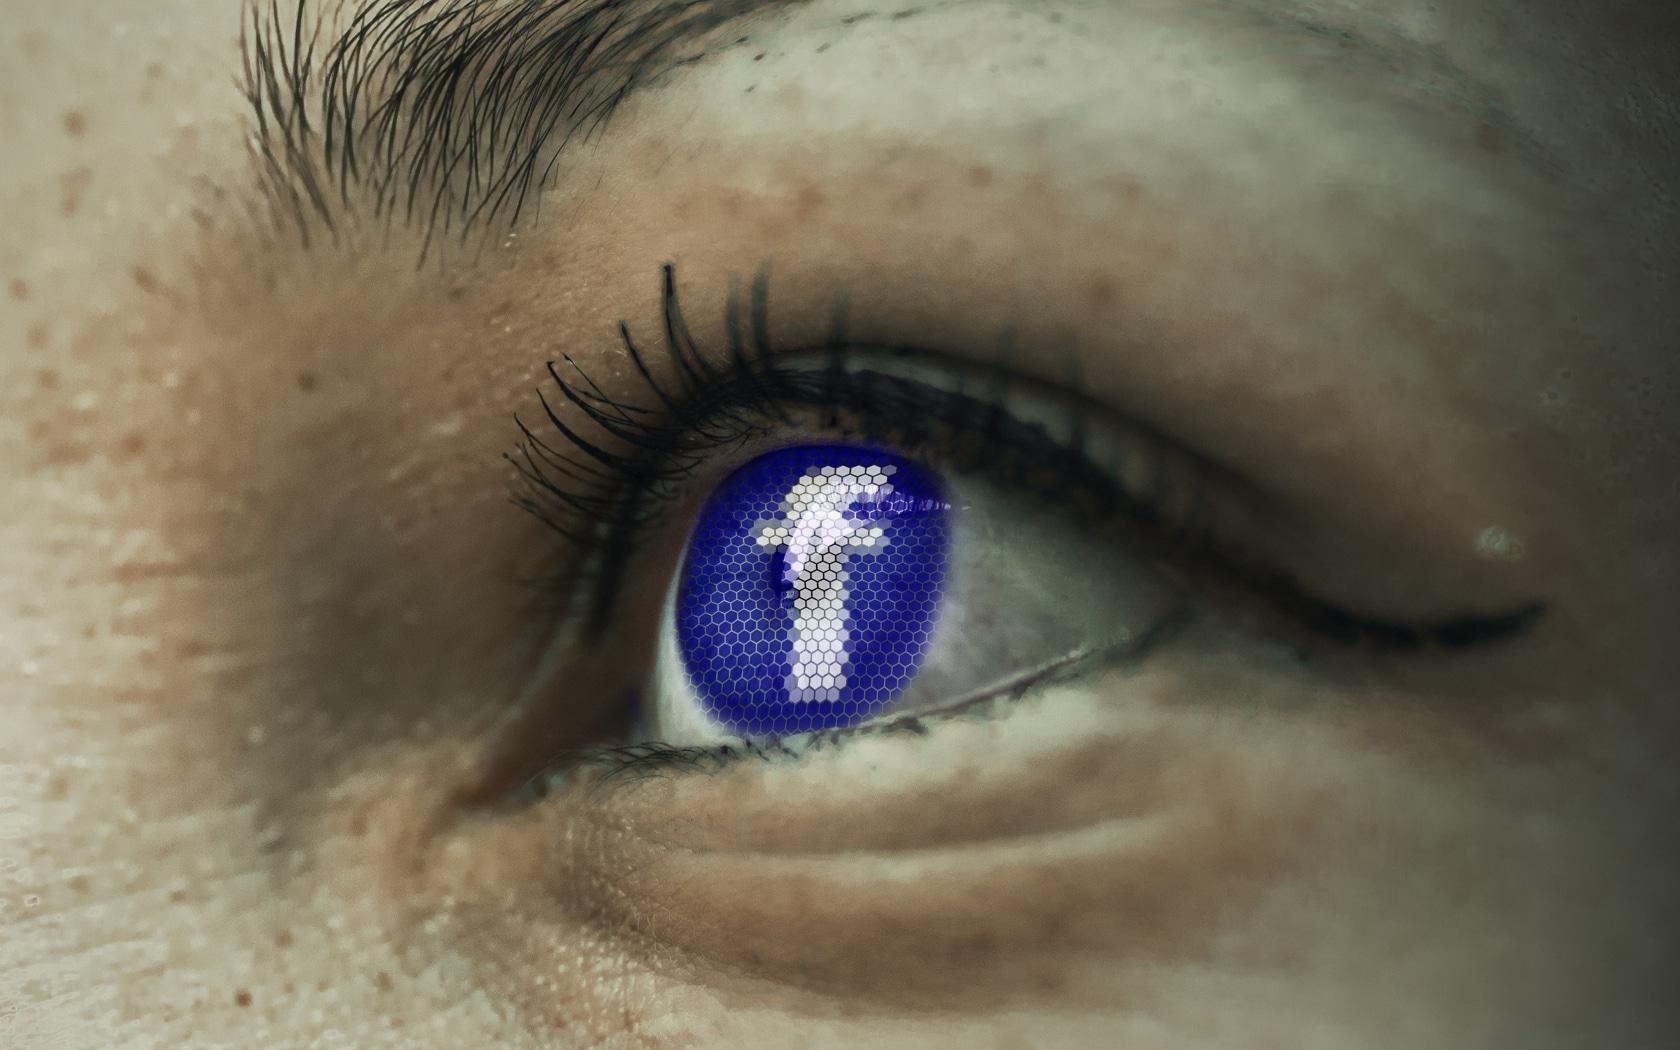 Конфиденциальность: Facebook блокирует тысячи приложений, считающихся слишком нескромными